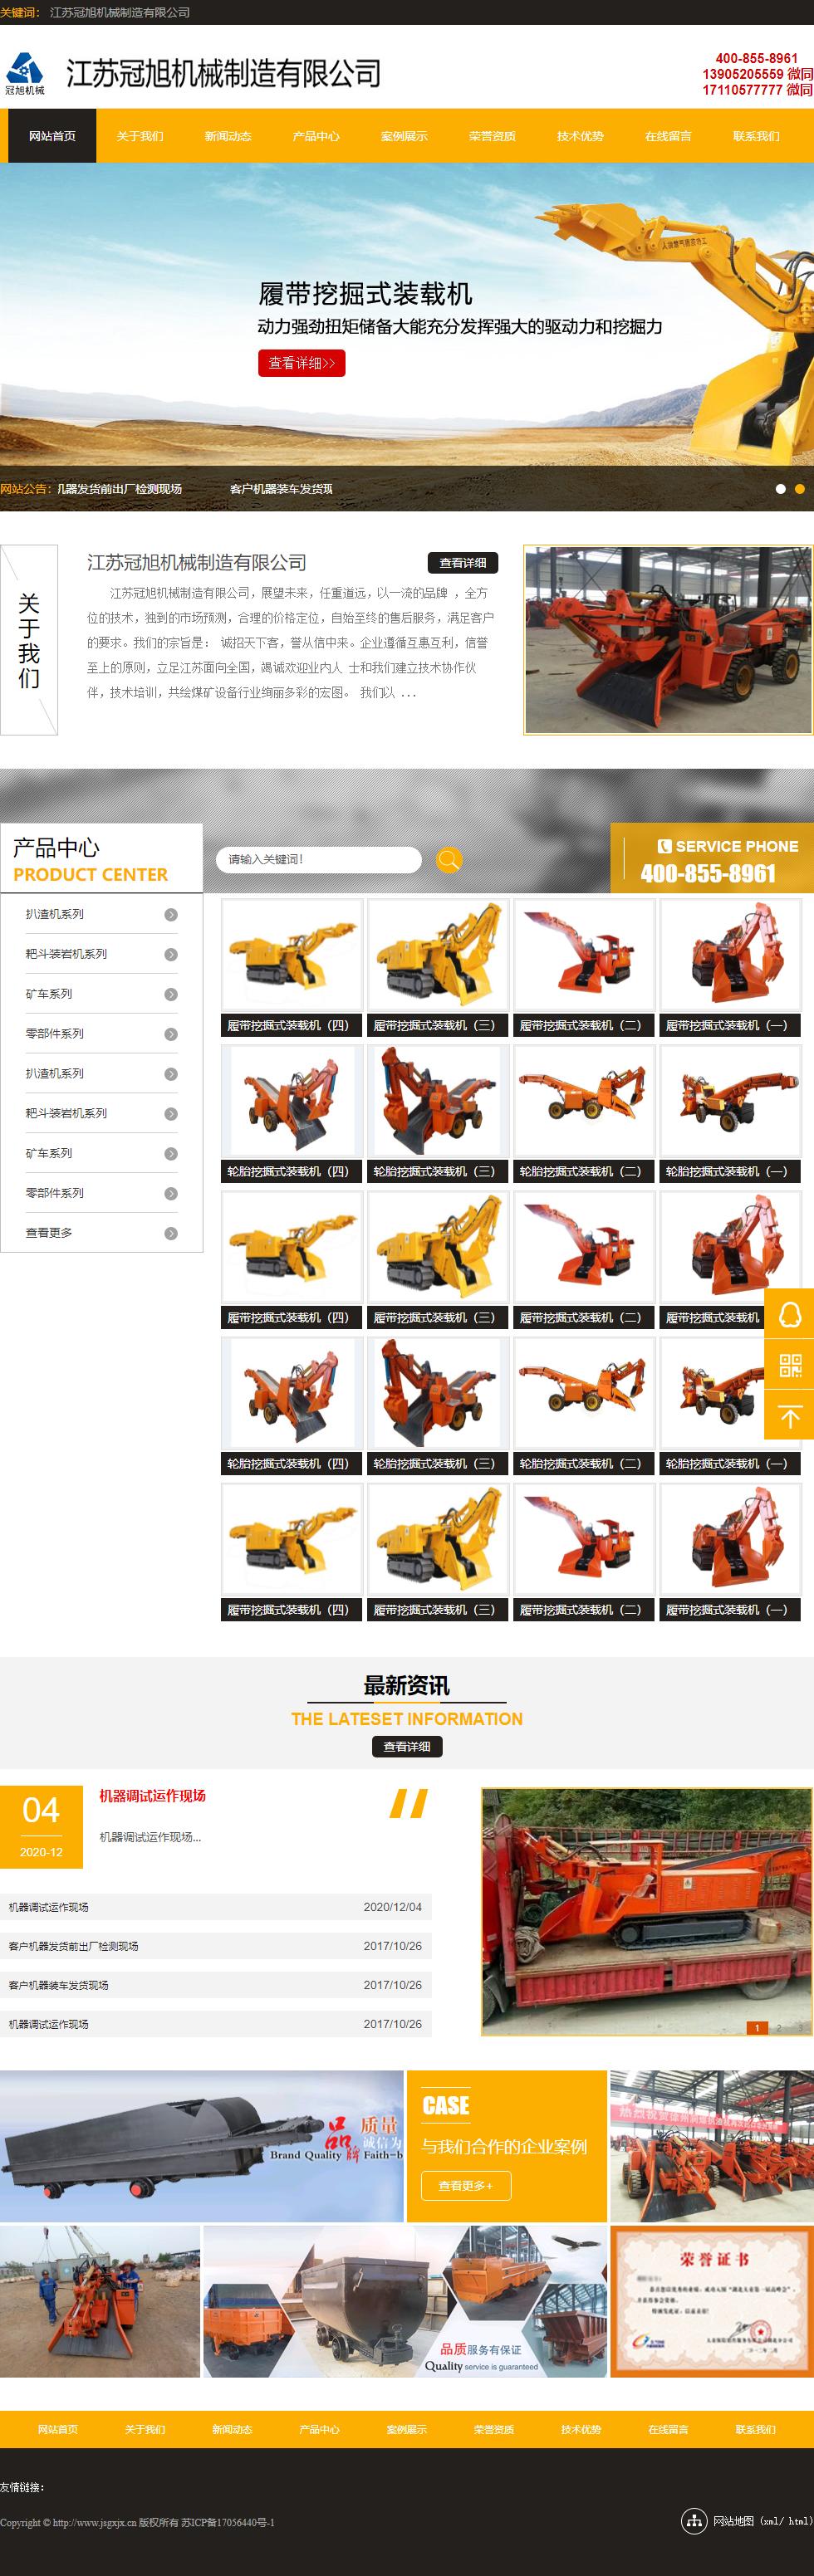 江苏冠旭机械制造有限公司网站案例